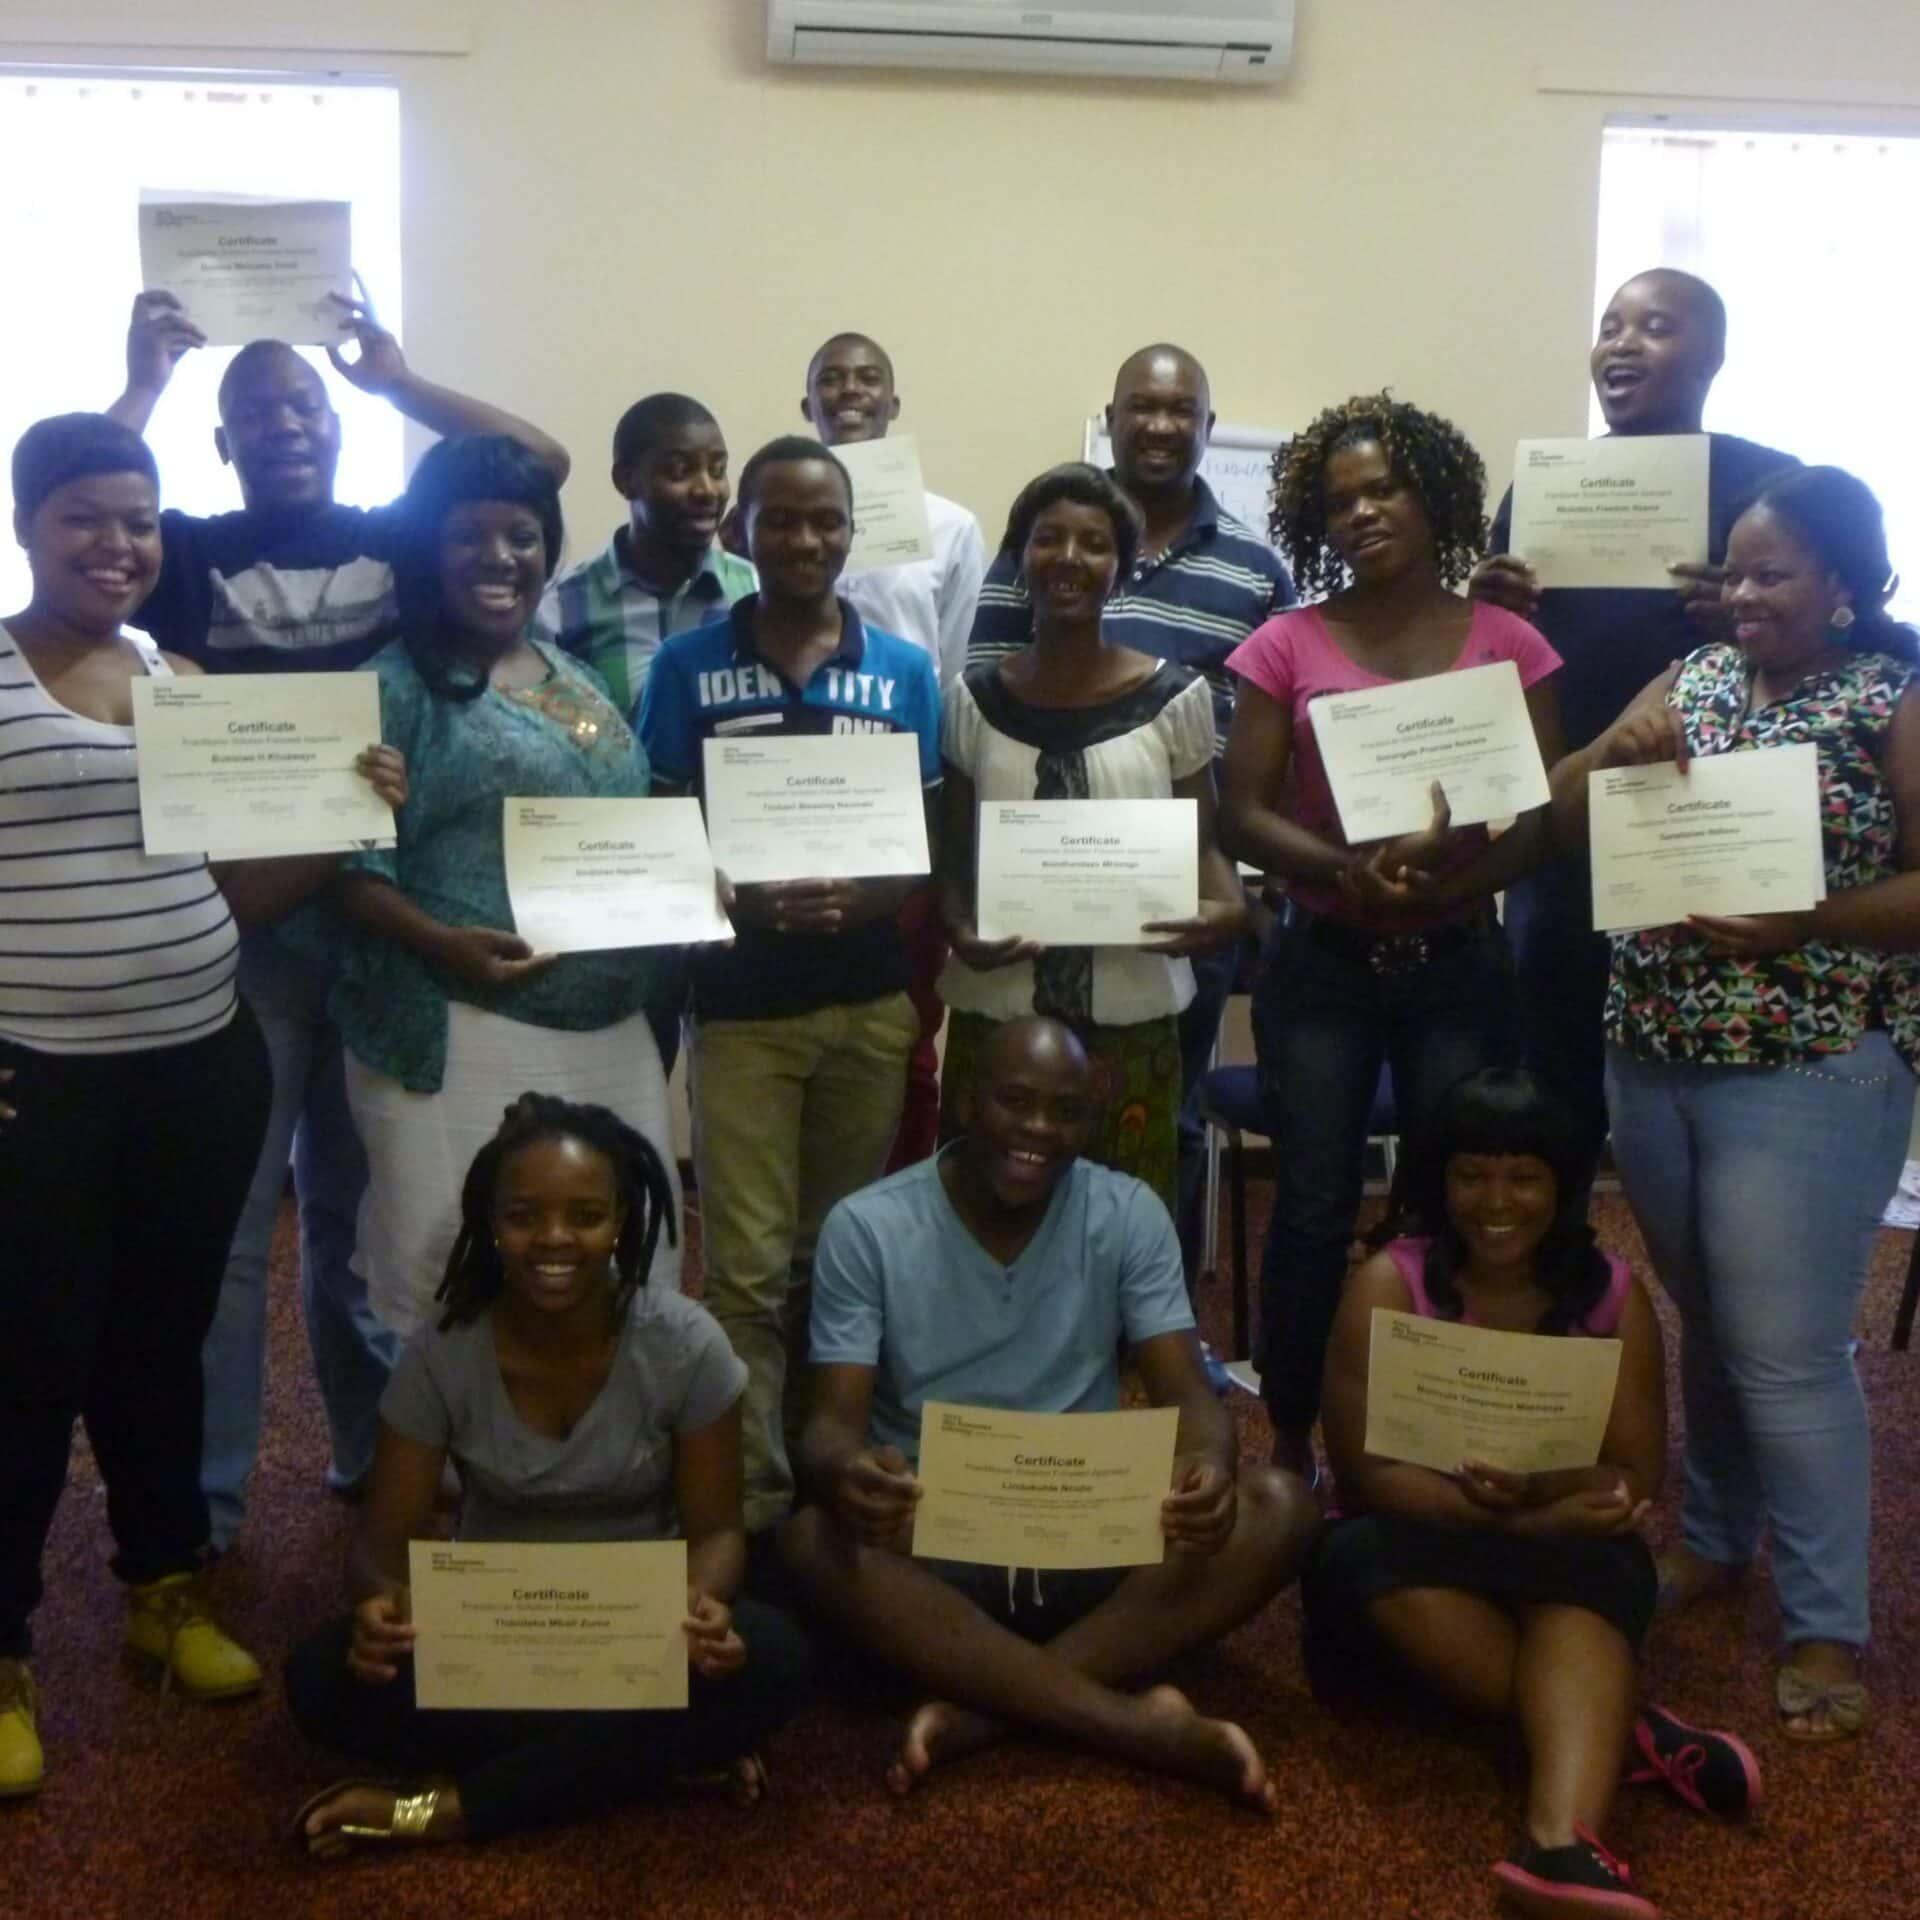 15 junge Südafrikanerinnen und Südafrikaner erhielten ihr Zertifkikat für den abgeschlossenen Kurs im Lösungsorientierten Ansatz.